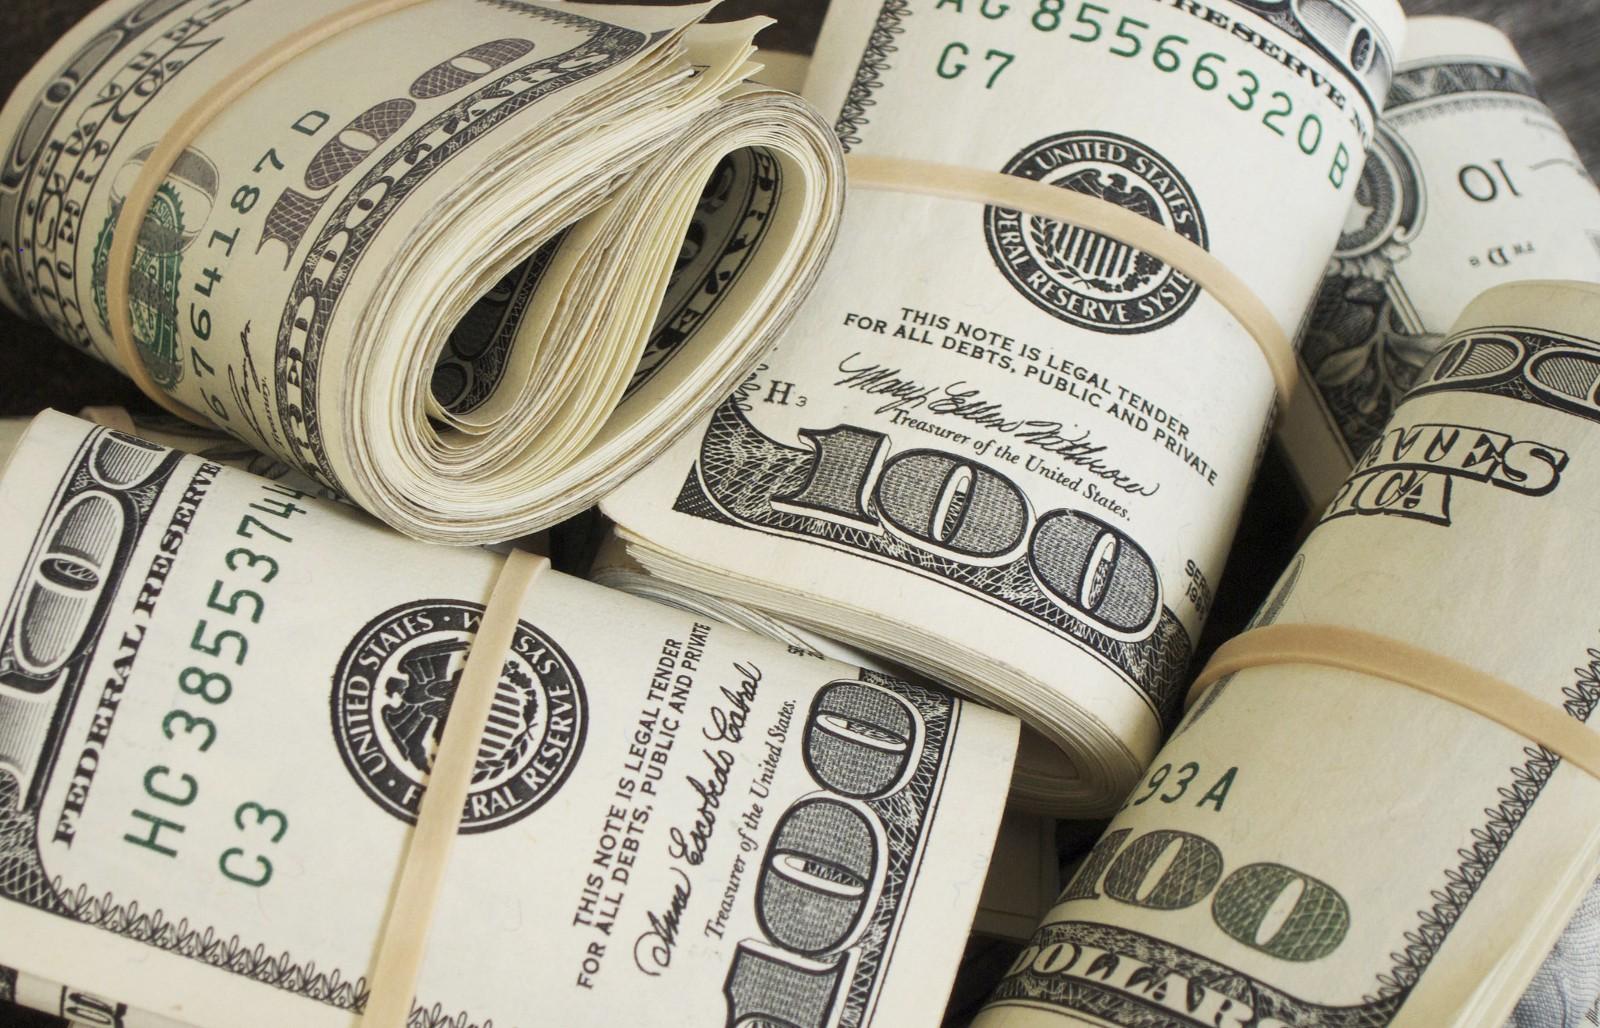 Դատախազը 20 միլիոն դրամ նվիրատվություն է ստացել. «Փաստ»